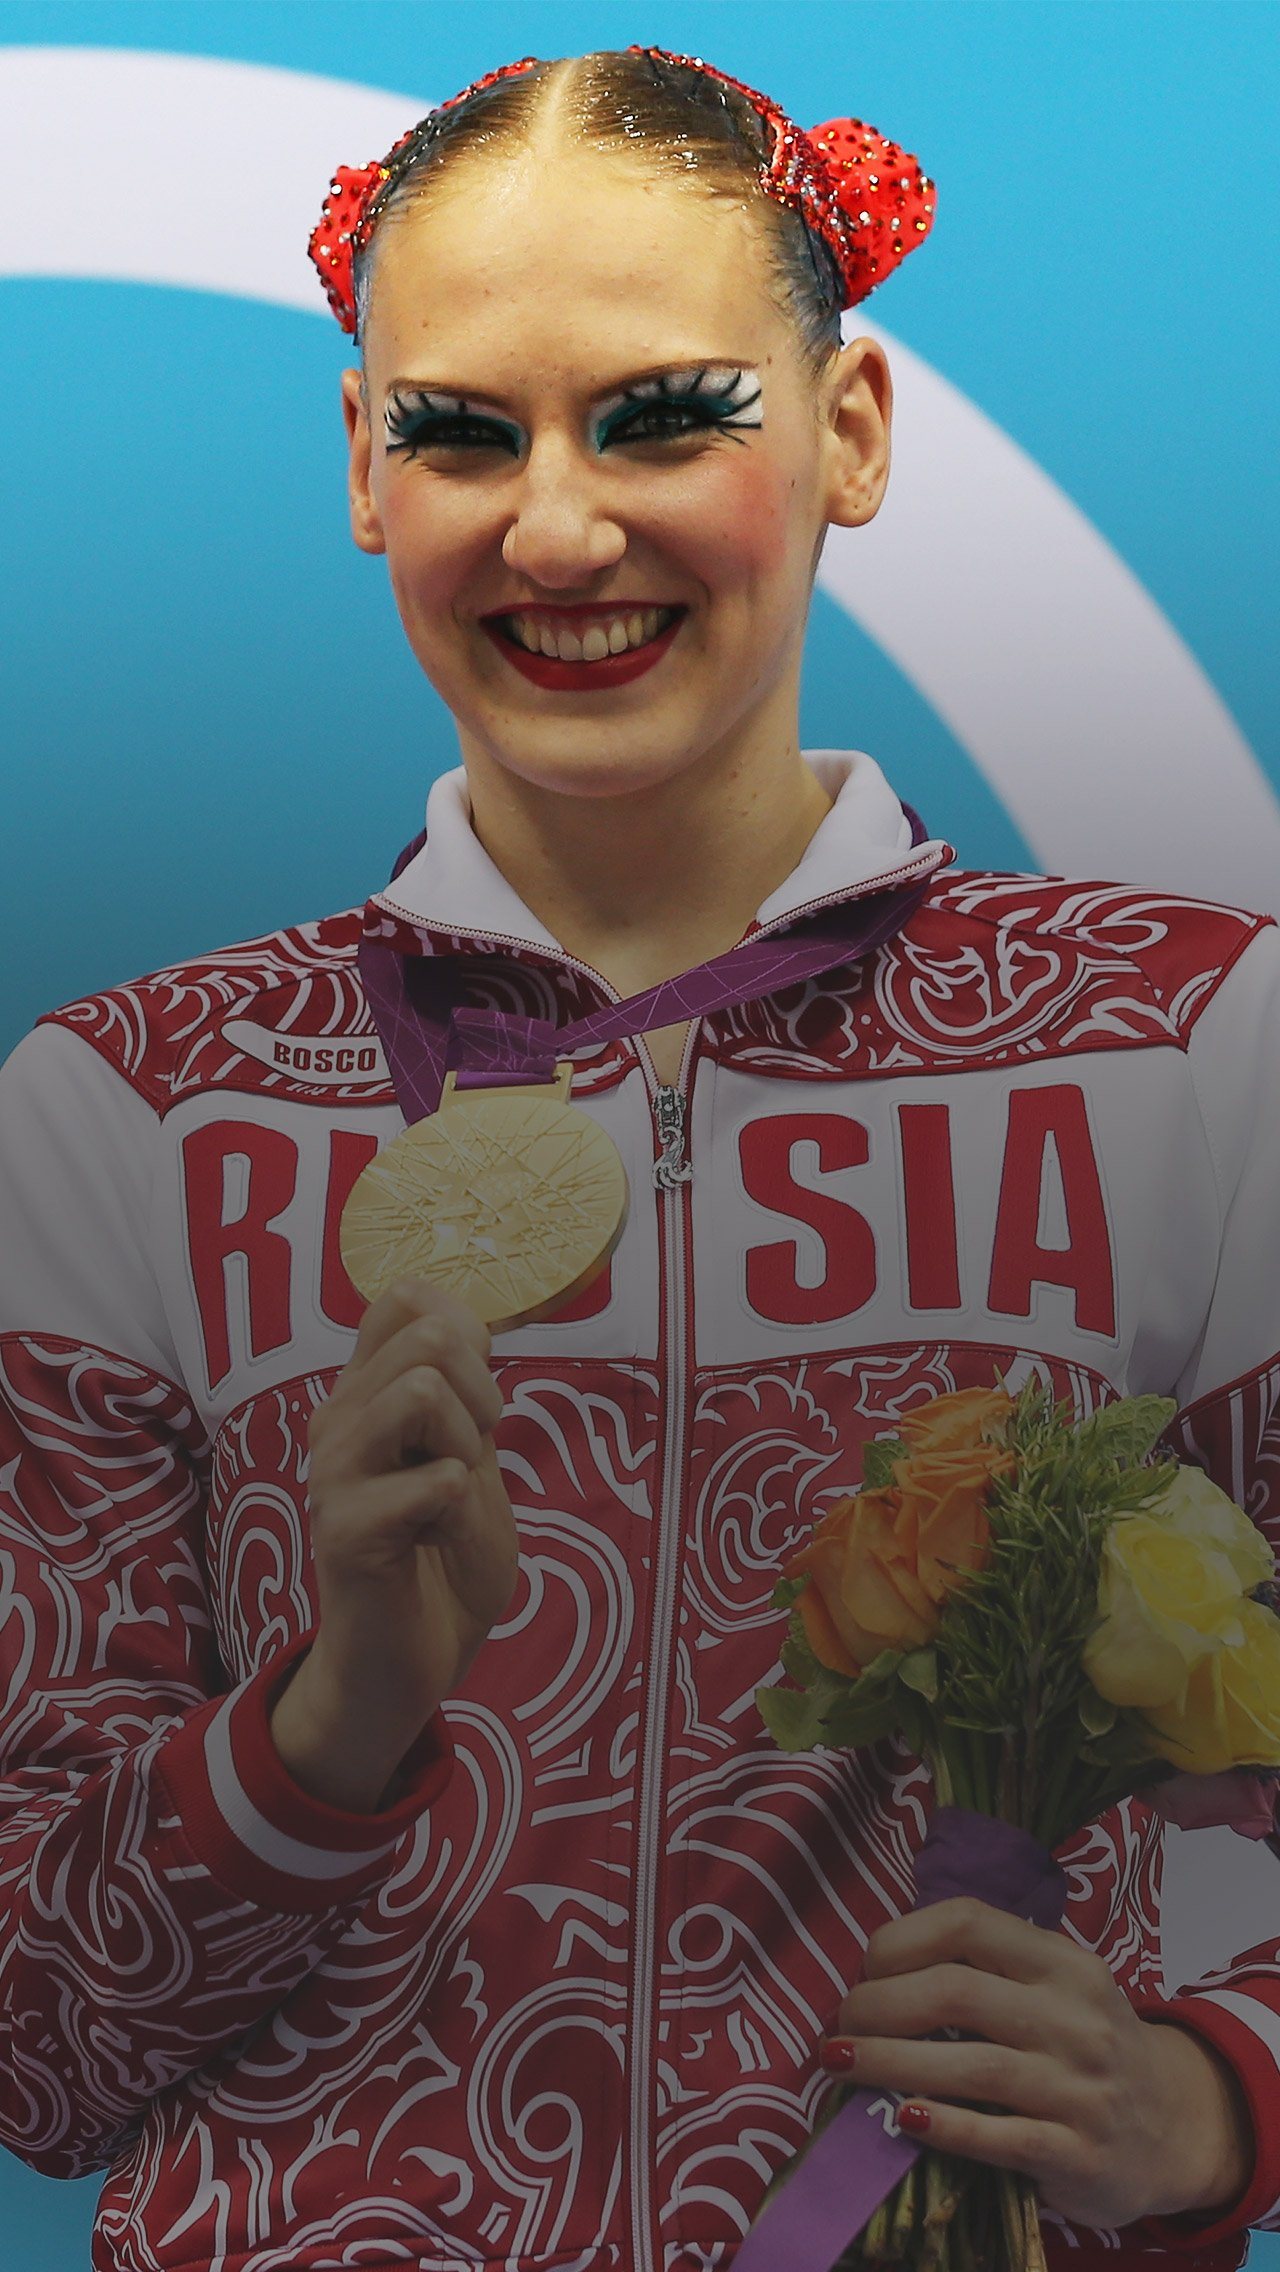 Самые титулованные российские спортсмены в истории летних Олимпиад